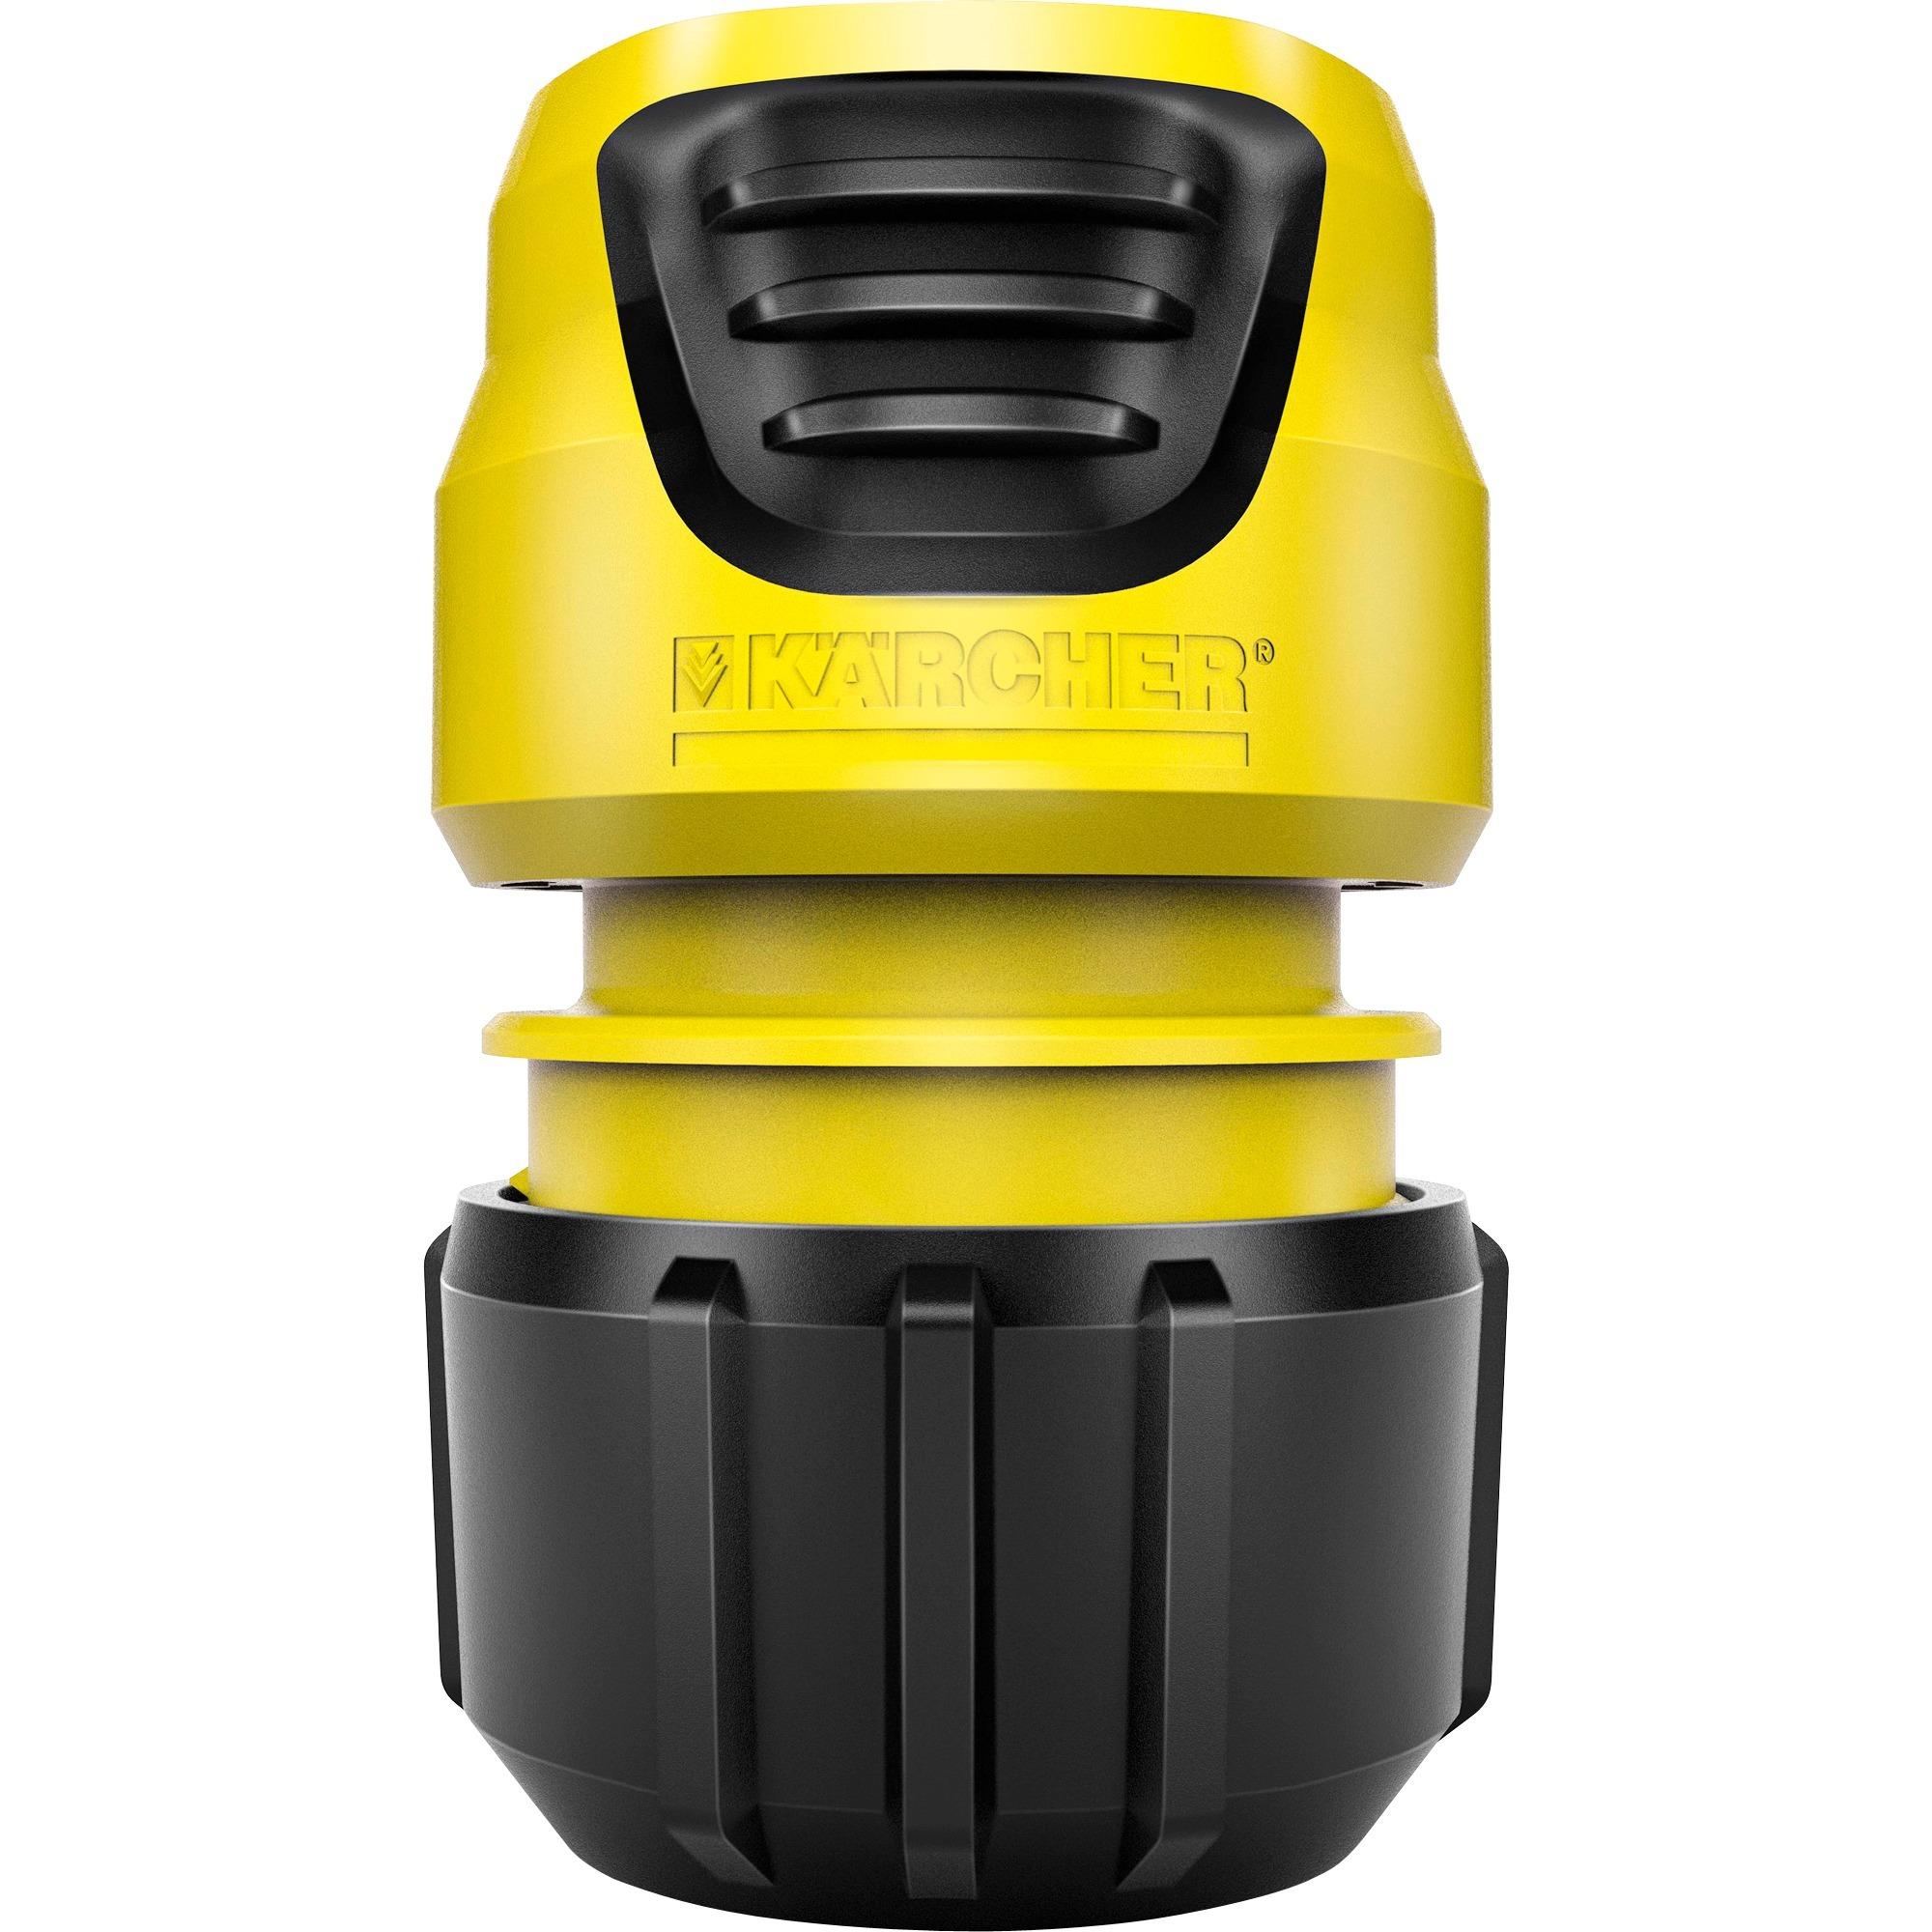 2.645-203.0 accesorio para manguera De plástico Negro, Amarillo 1 pieza(s), Pieza de manguera